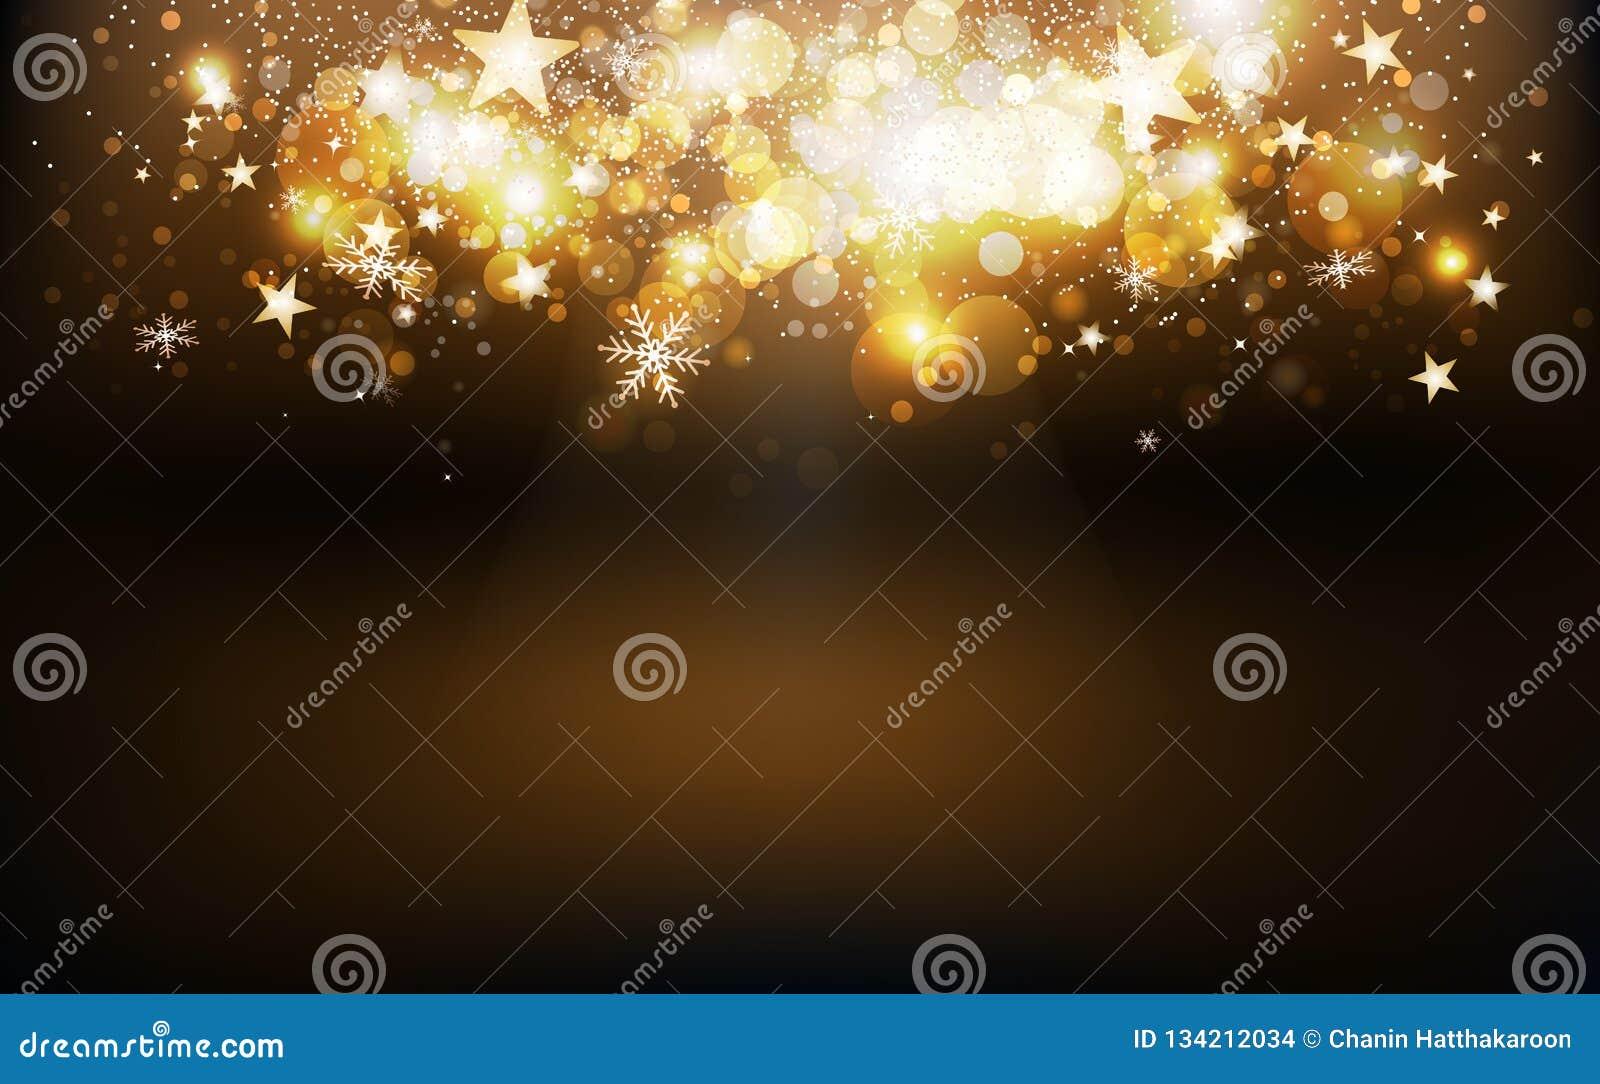 De gouden vallende sterren barsten seizoen van de confettien het dalende vakantie, sneeuwvlokken en stof het gloeien onduidelijk